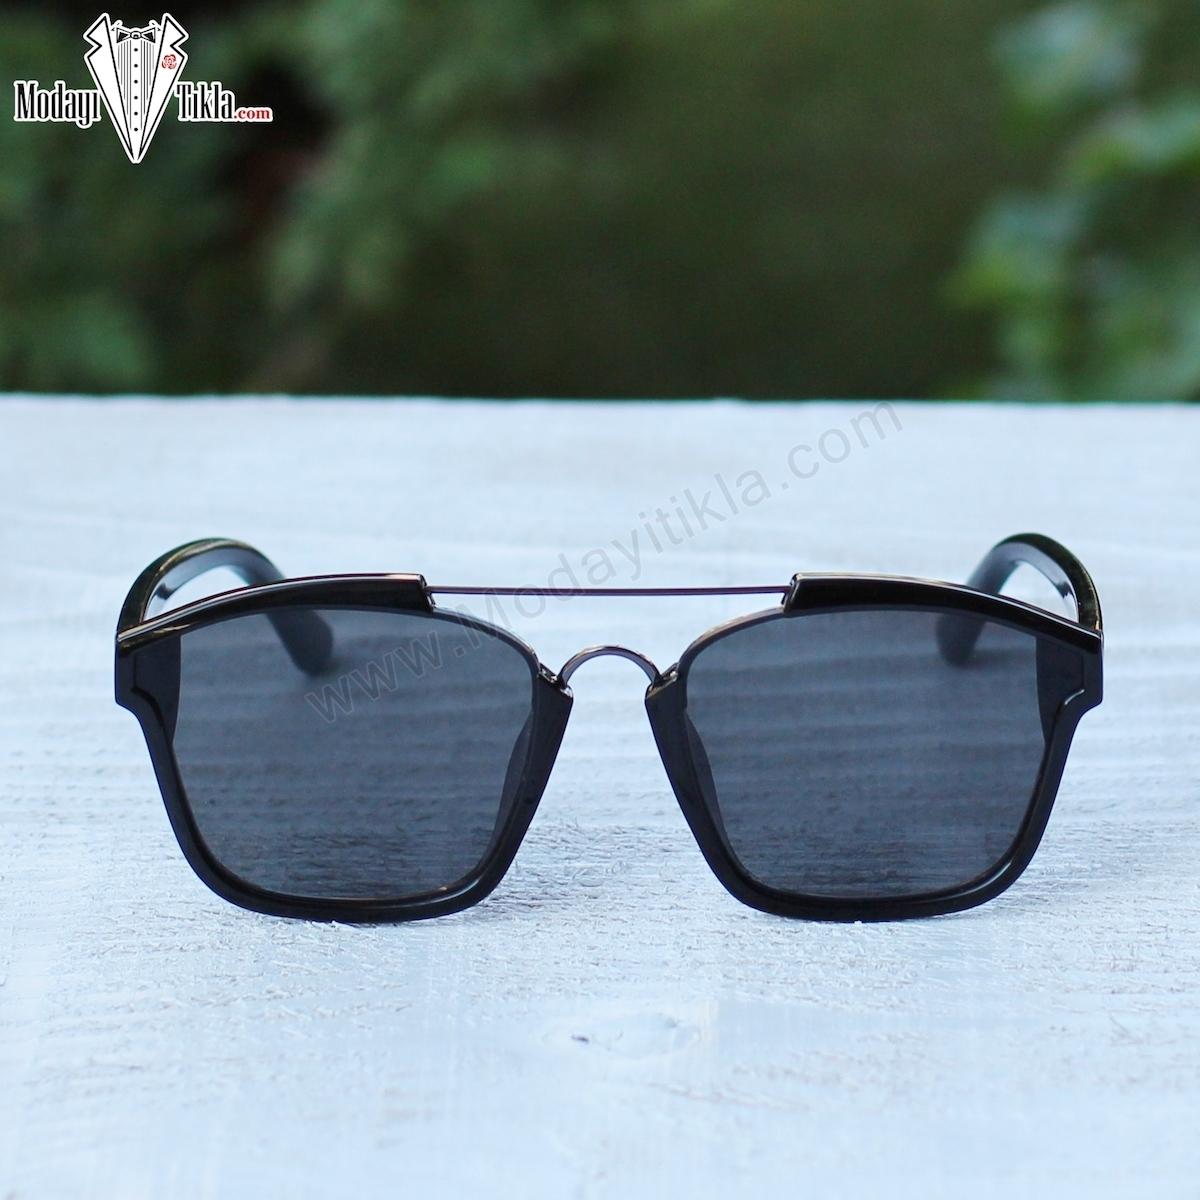 Vintage Soreal Siyah Güneş Gözlüğü